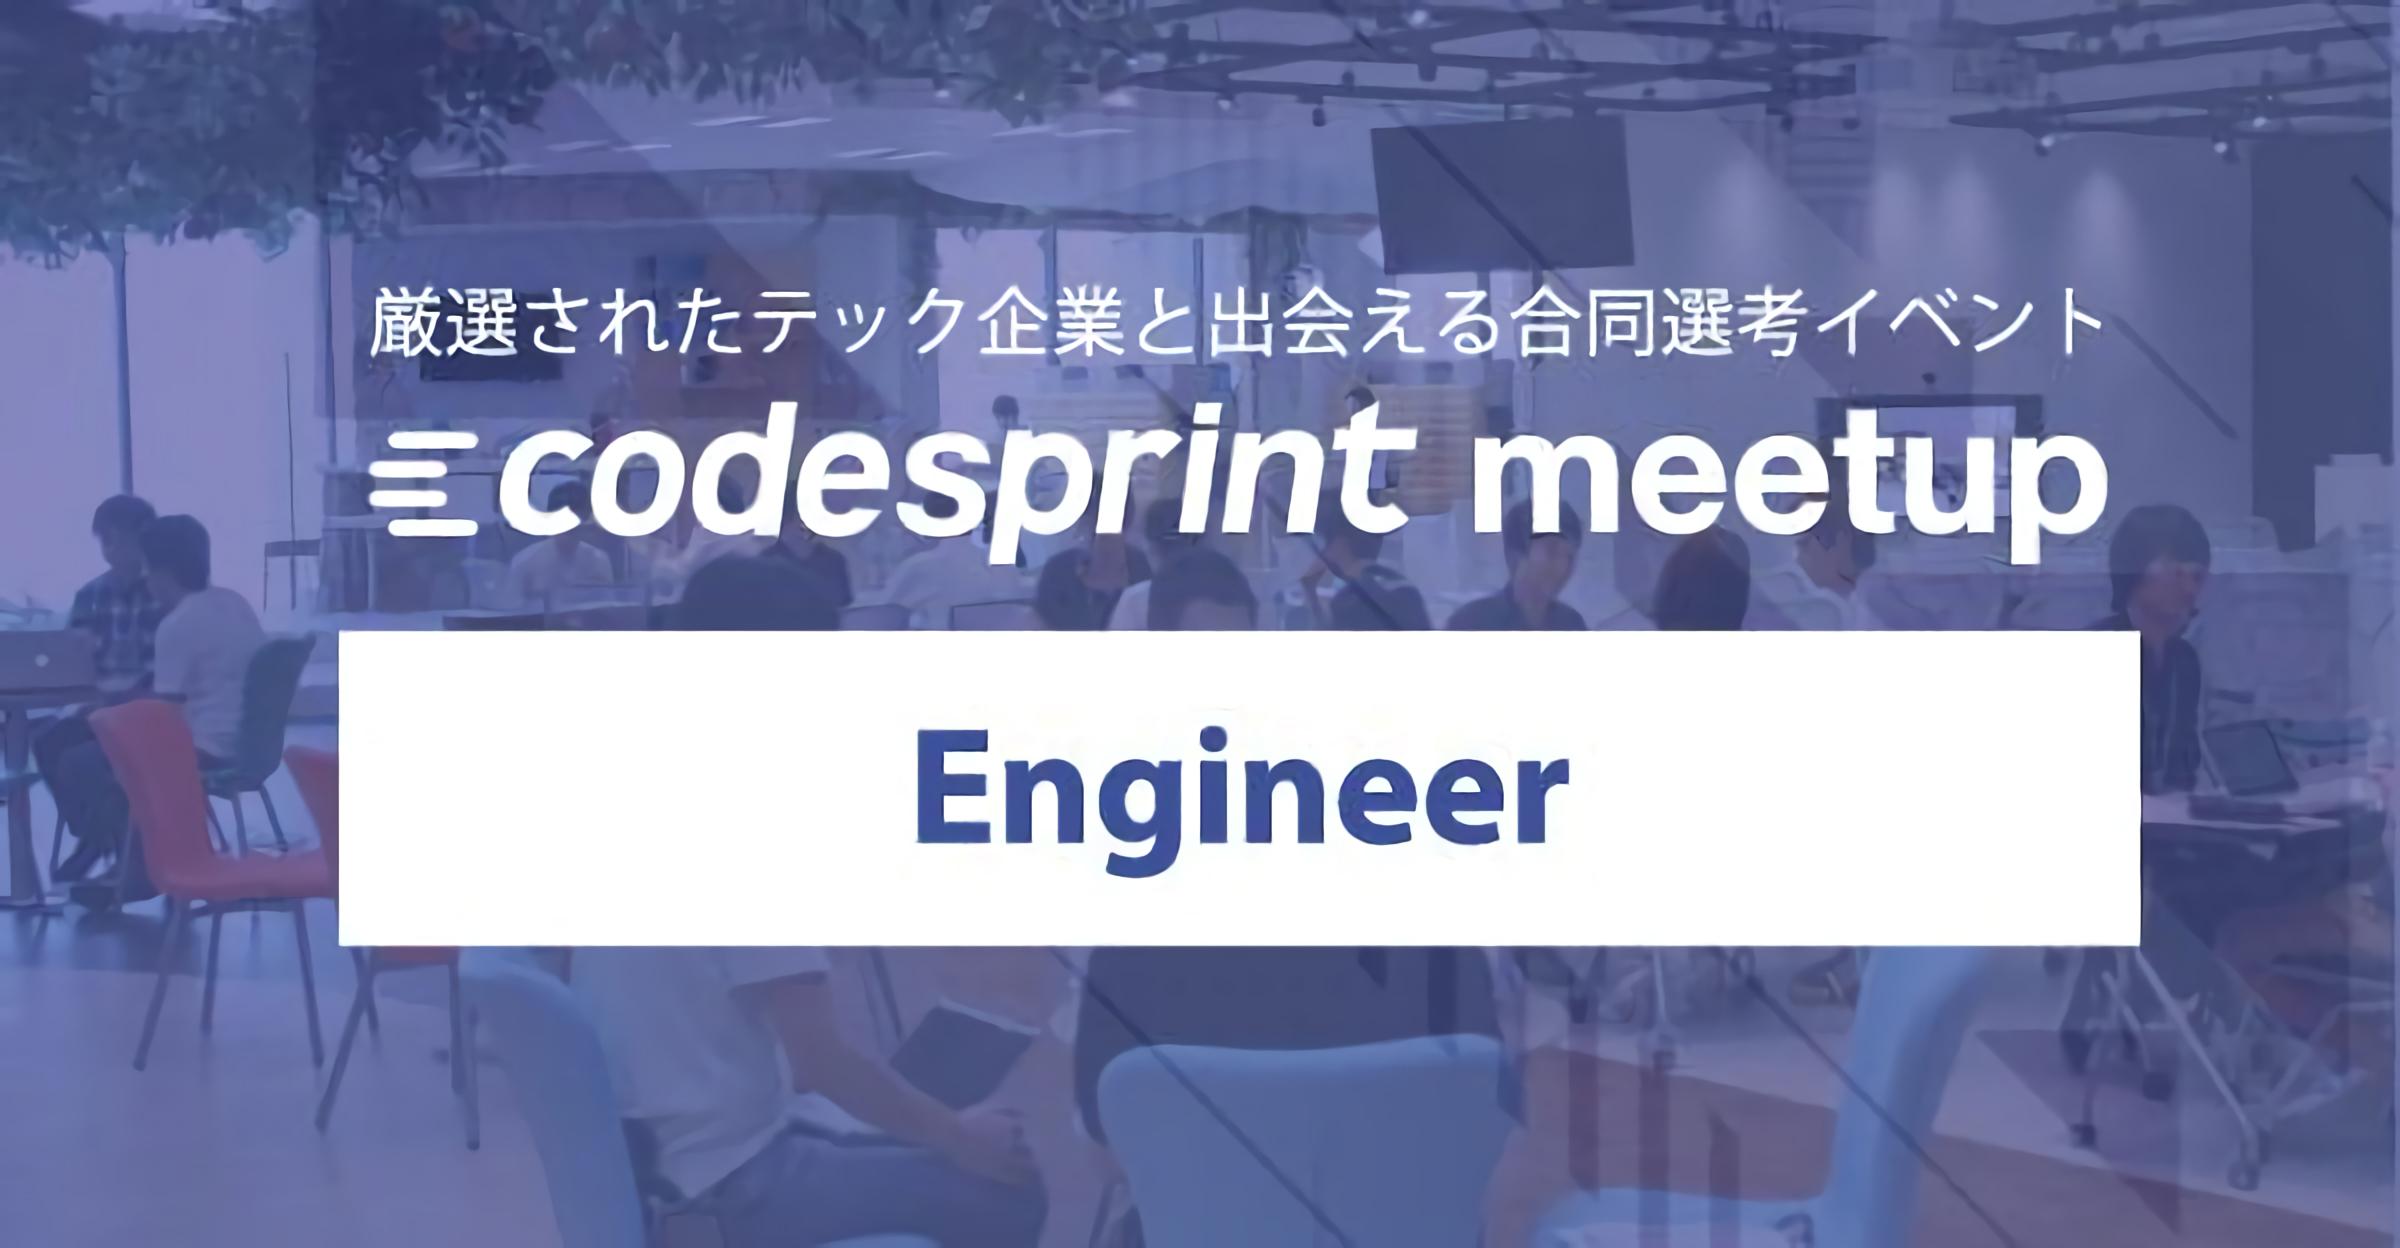 【2/22開催】厳選されたテック企業と出会える合同選考イベント codesprint meetup image